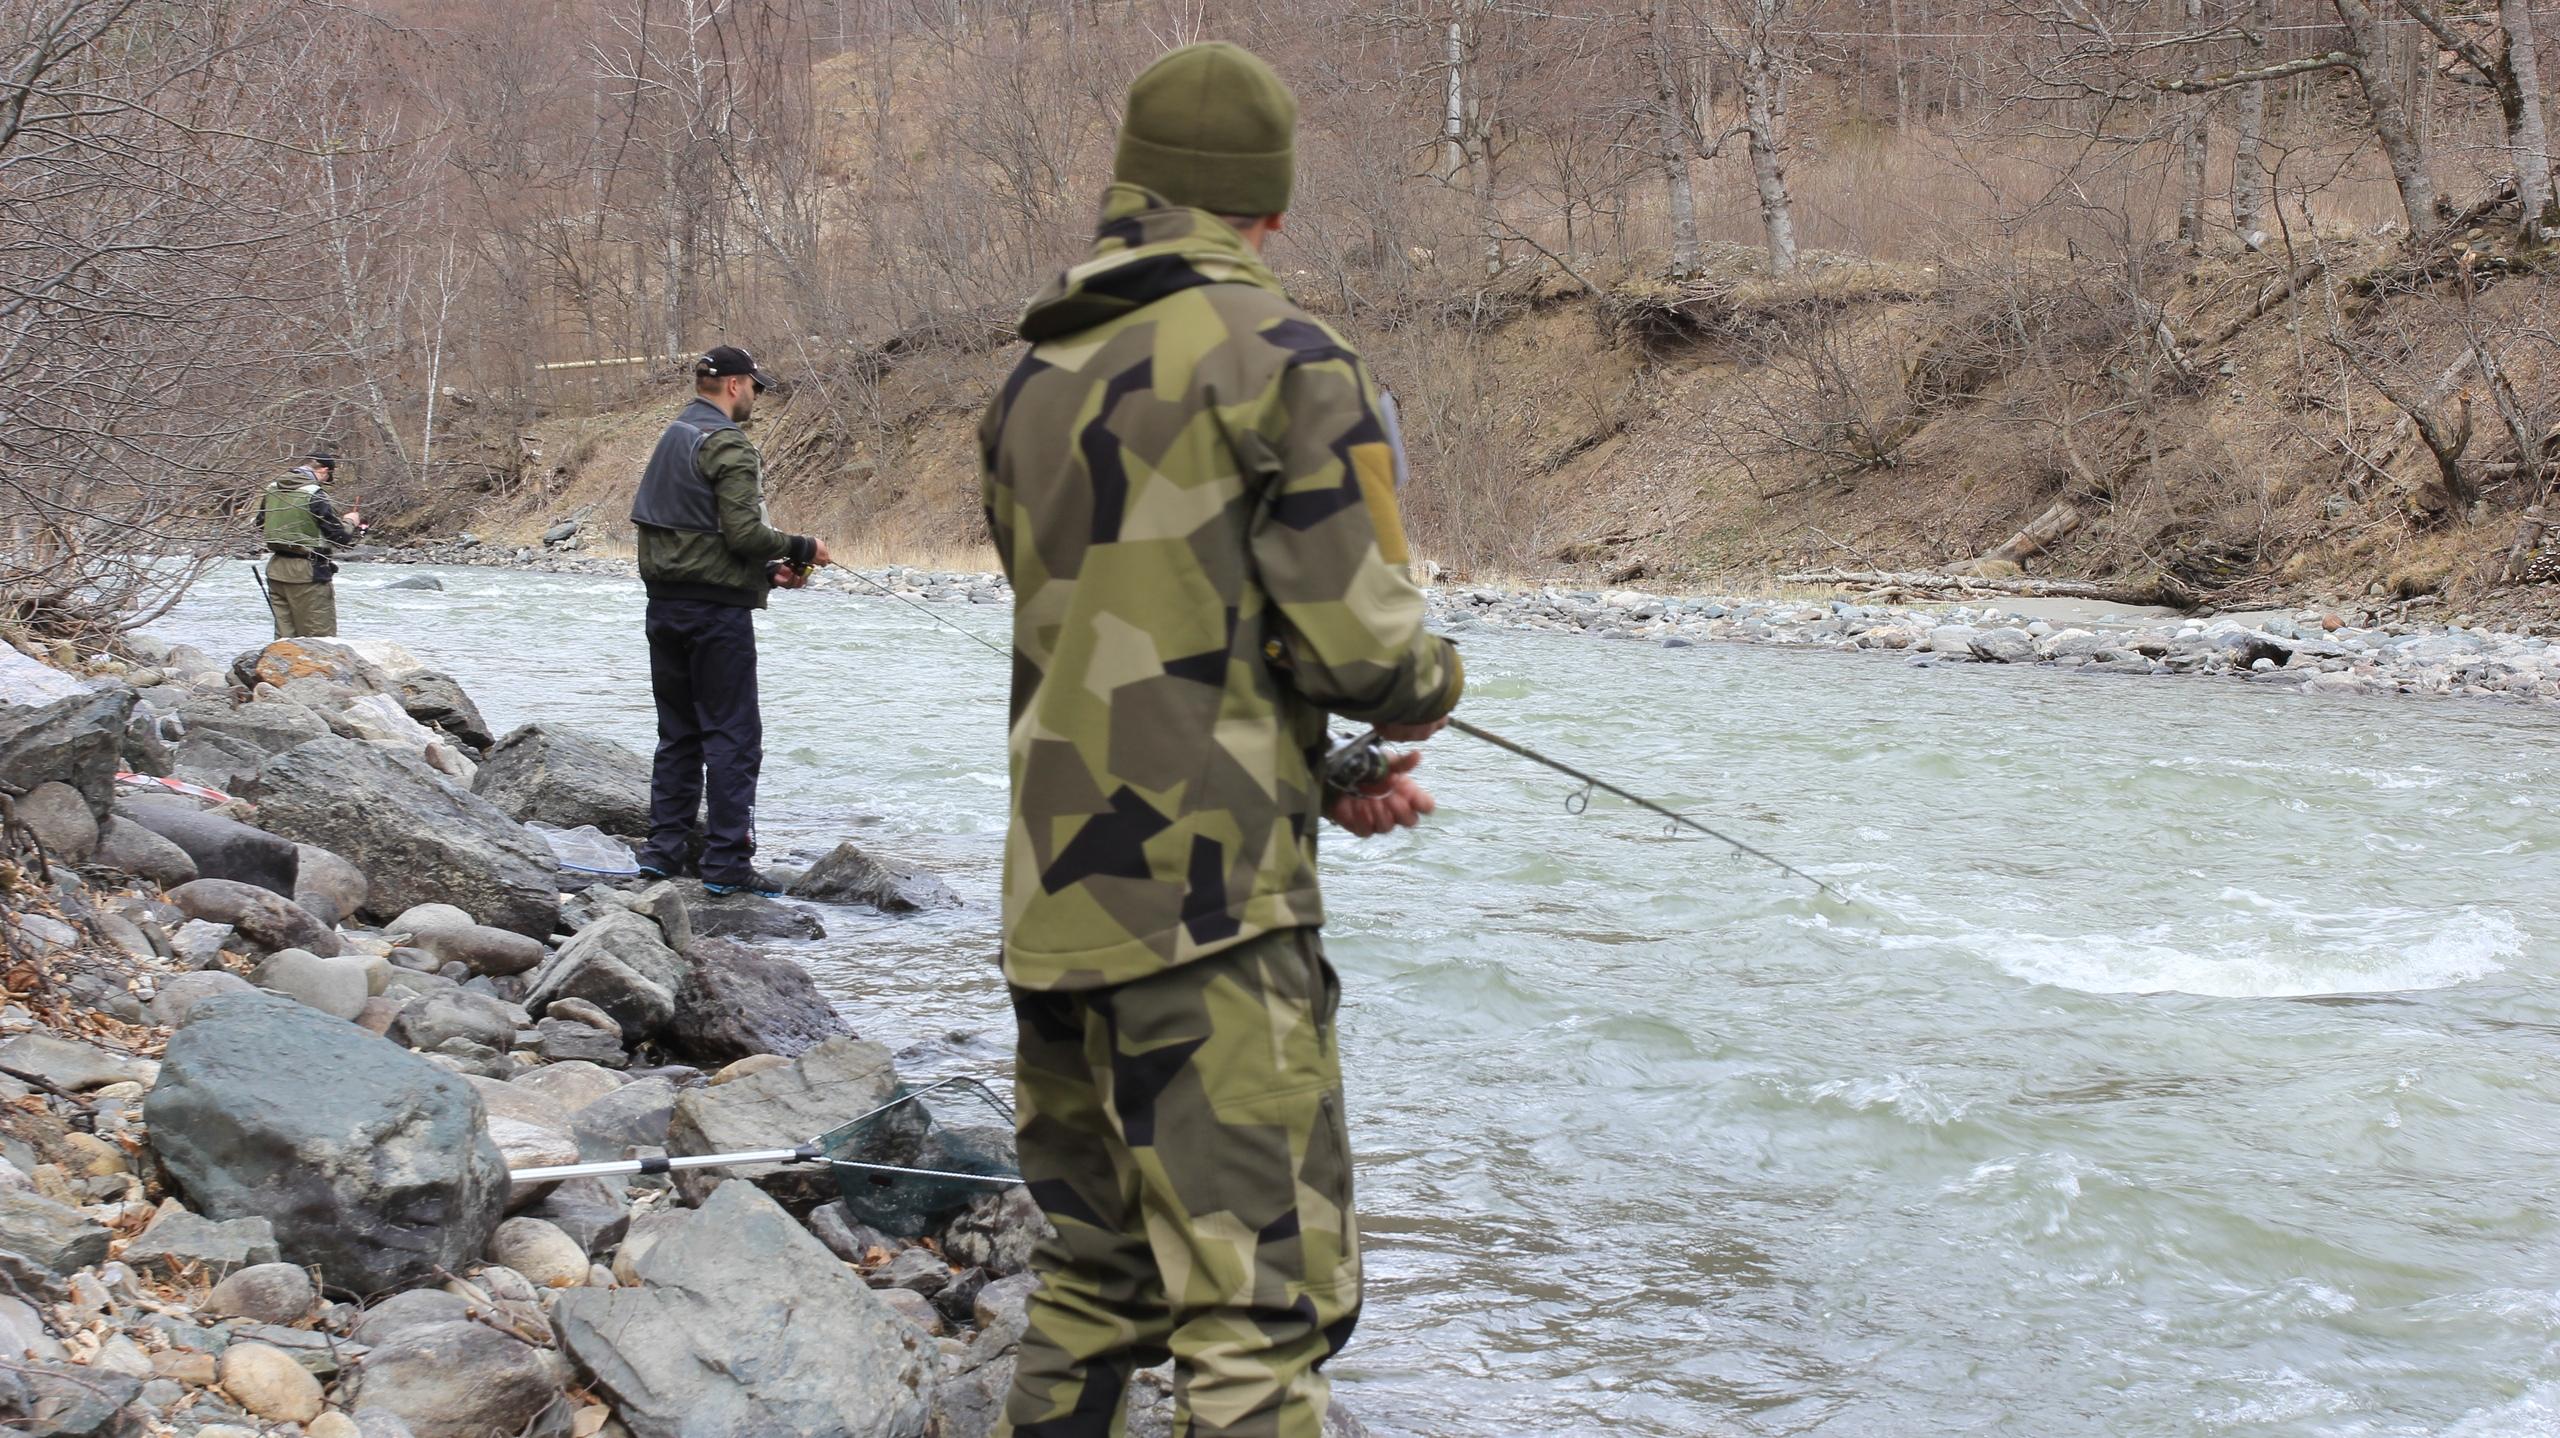 Чемпионат по ловле рыбы спиннингом с берега прошел в Зеленчукском районе